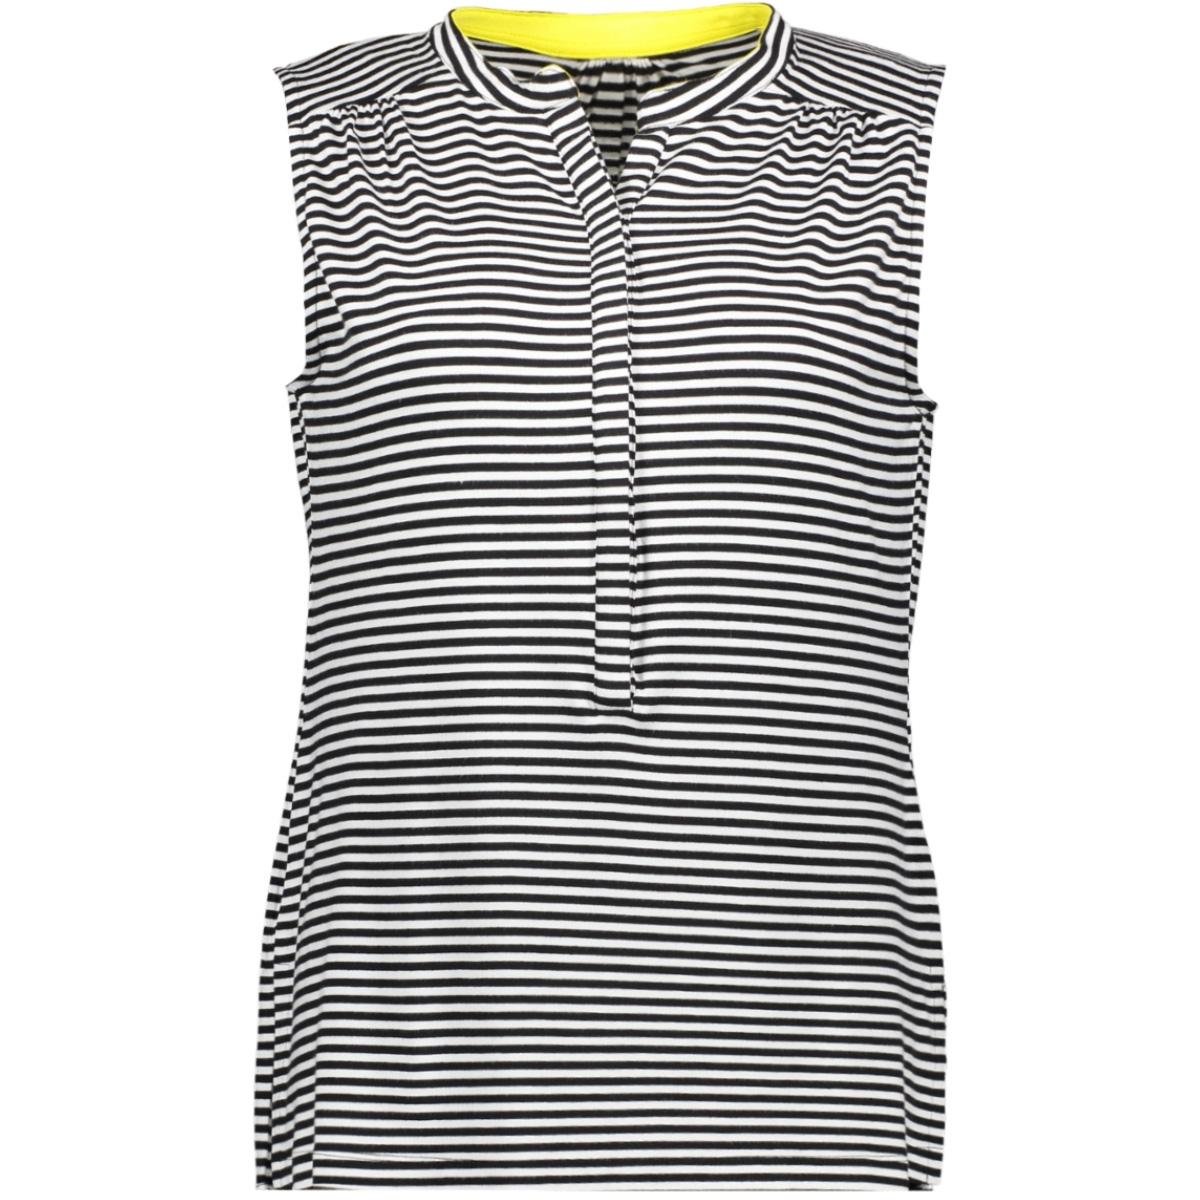 ora sleeve less top 193 zoso top black/white/yellow